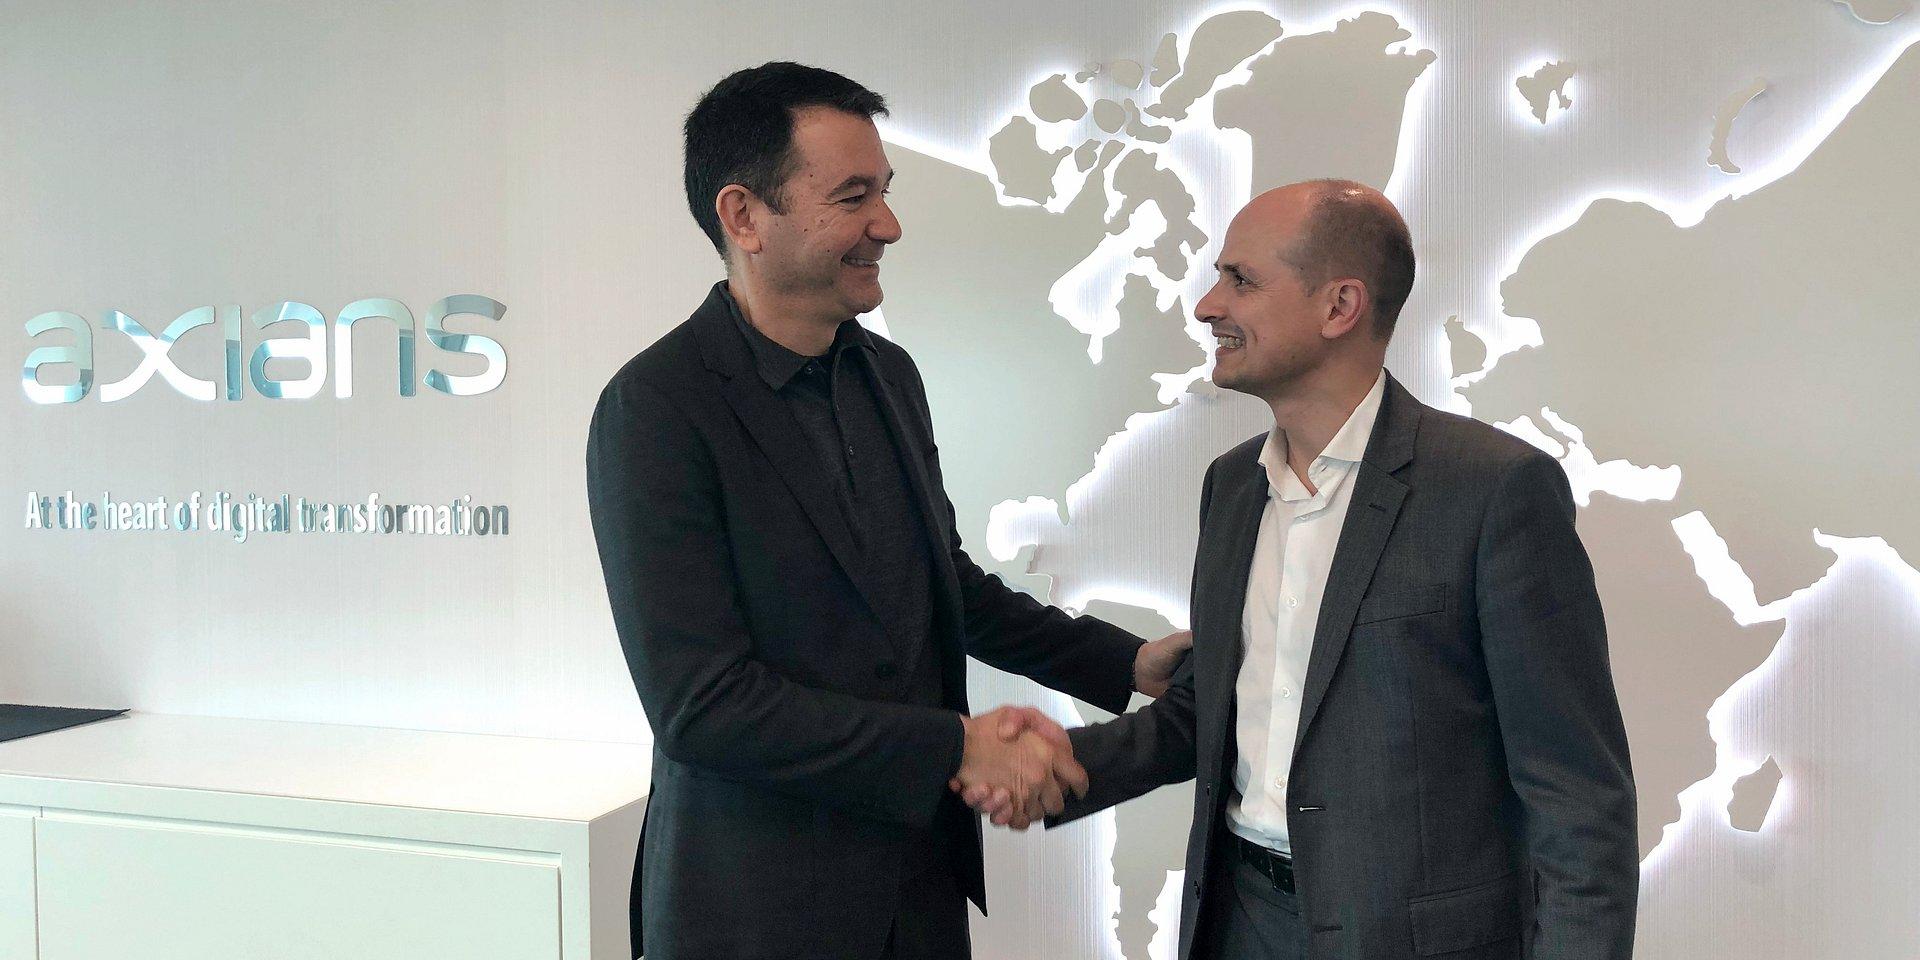 Axians Portugal e SAS preveem futuro dos negócios e estabelecem parceria estratégica